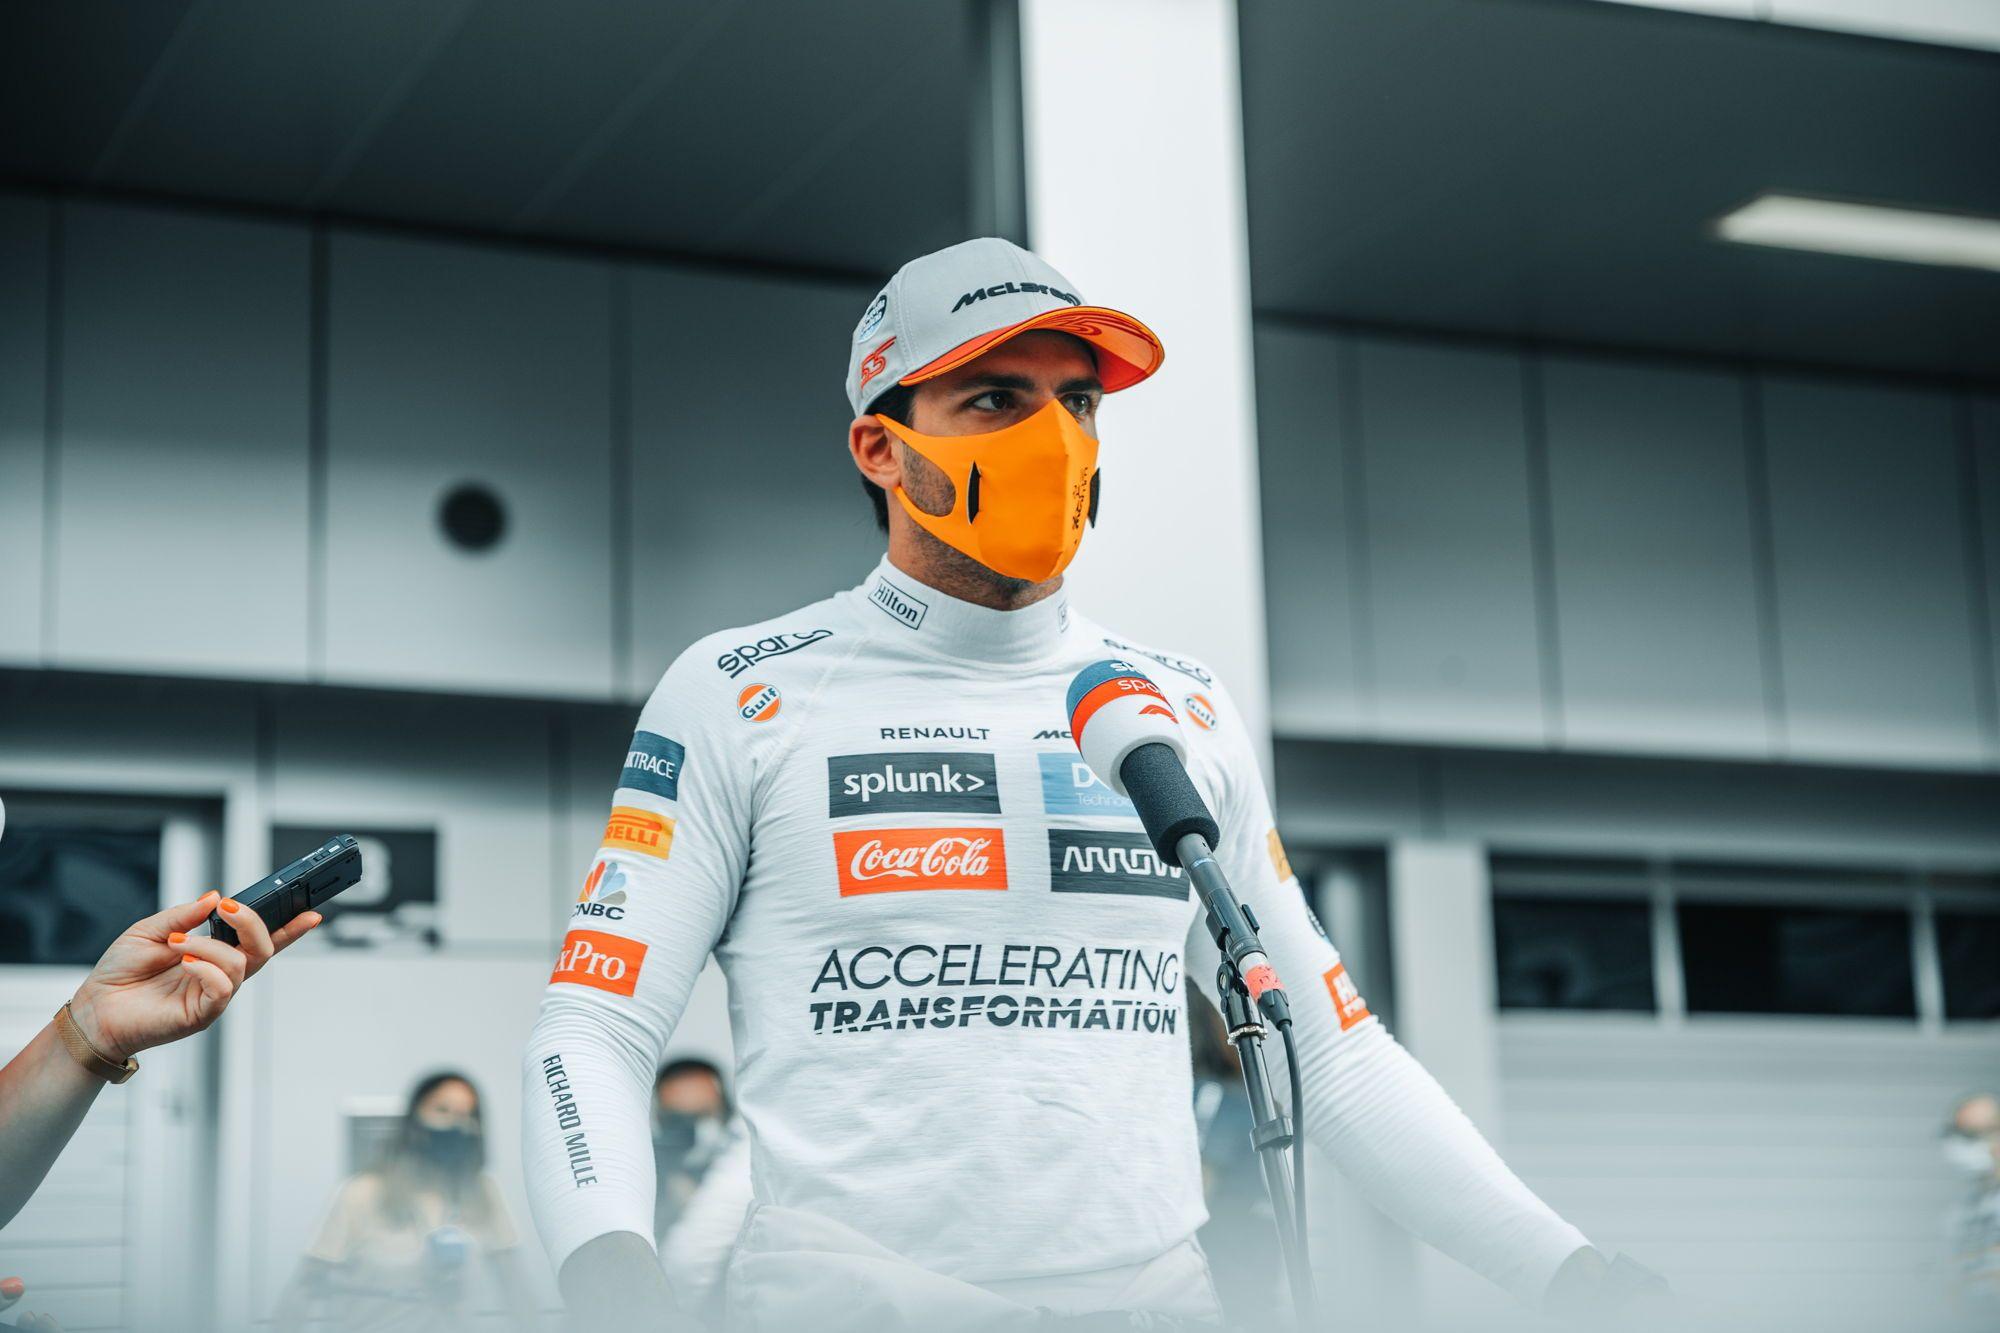 C. Sainzas: 90% lenktynininkų nenugalėtų L. Hamiltono sėdėdami W11